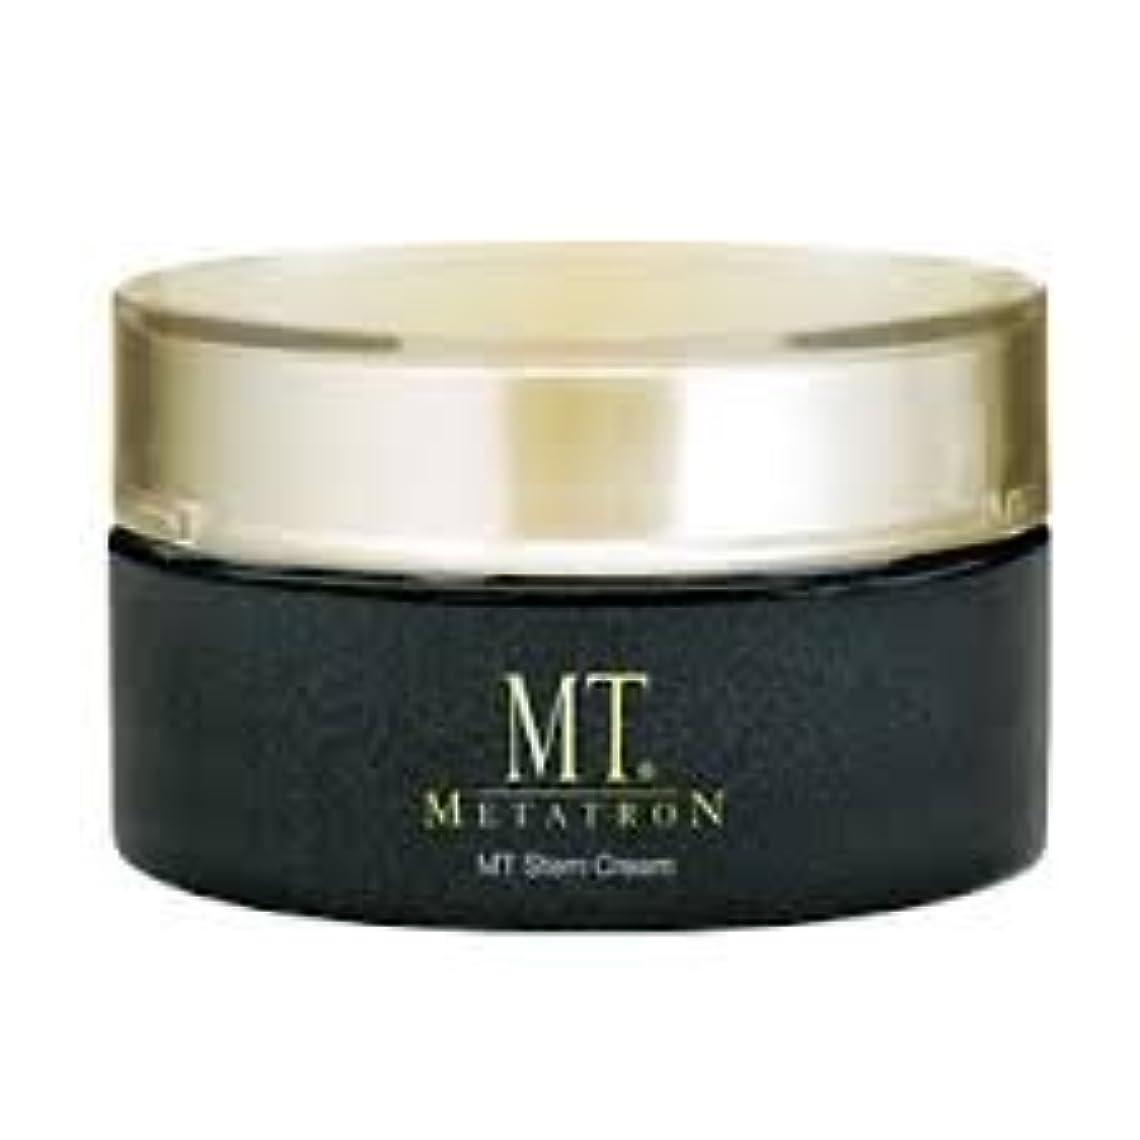 寄託効果的にメディカルMTメタトロン ステムクリーム<保湿クリーム> 30g